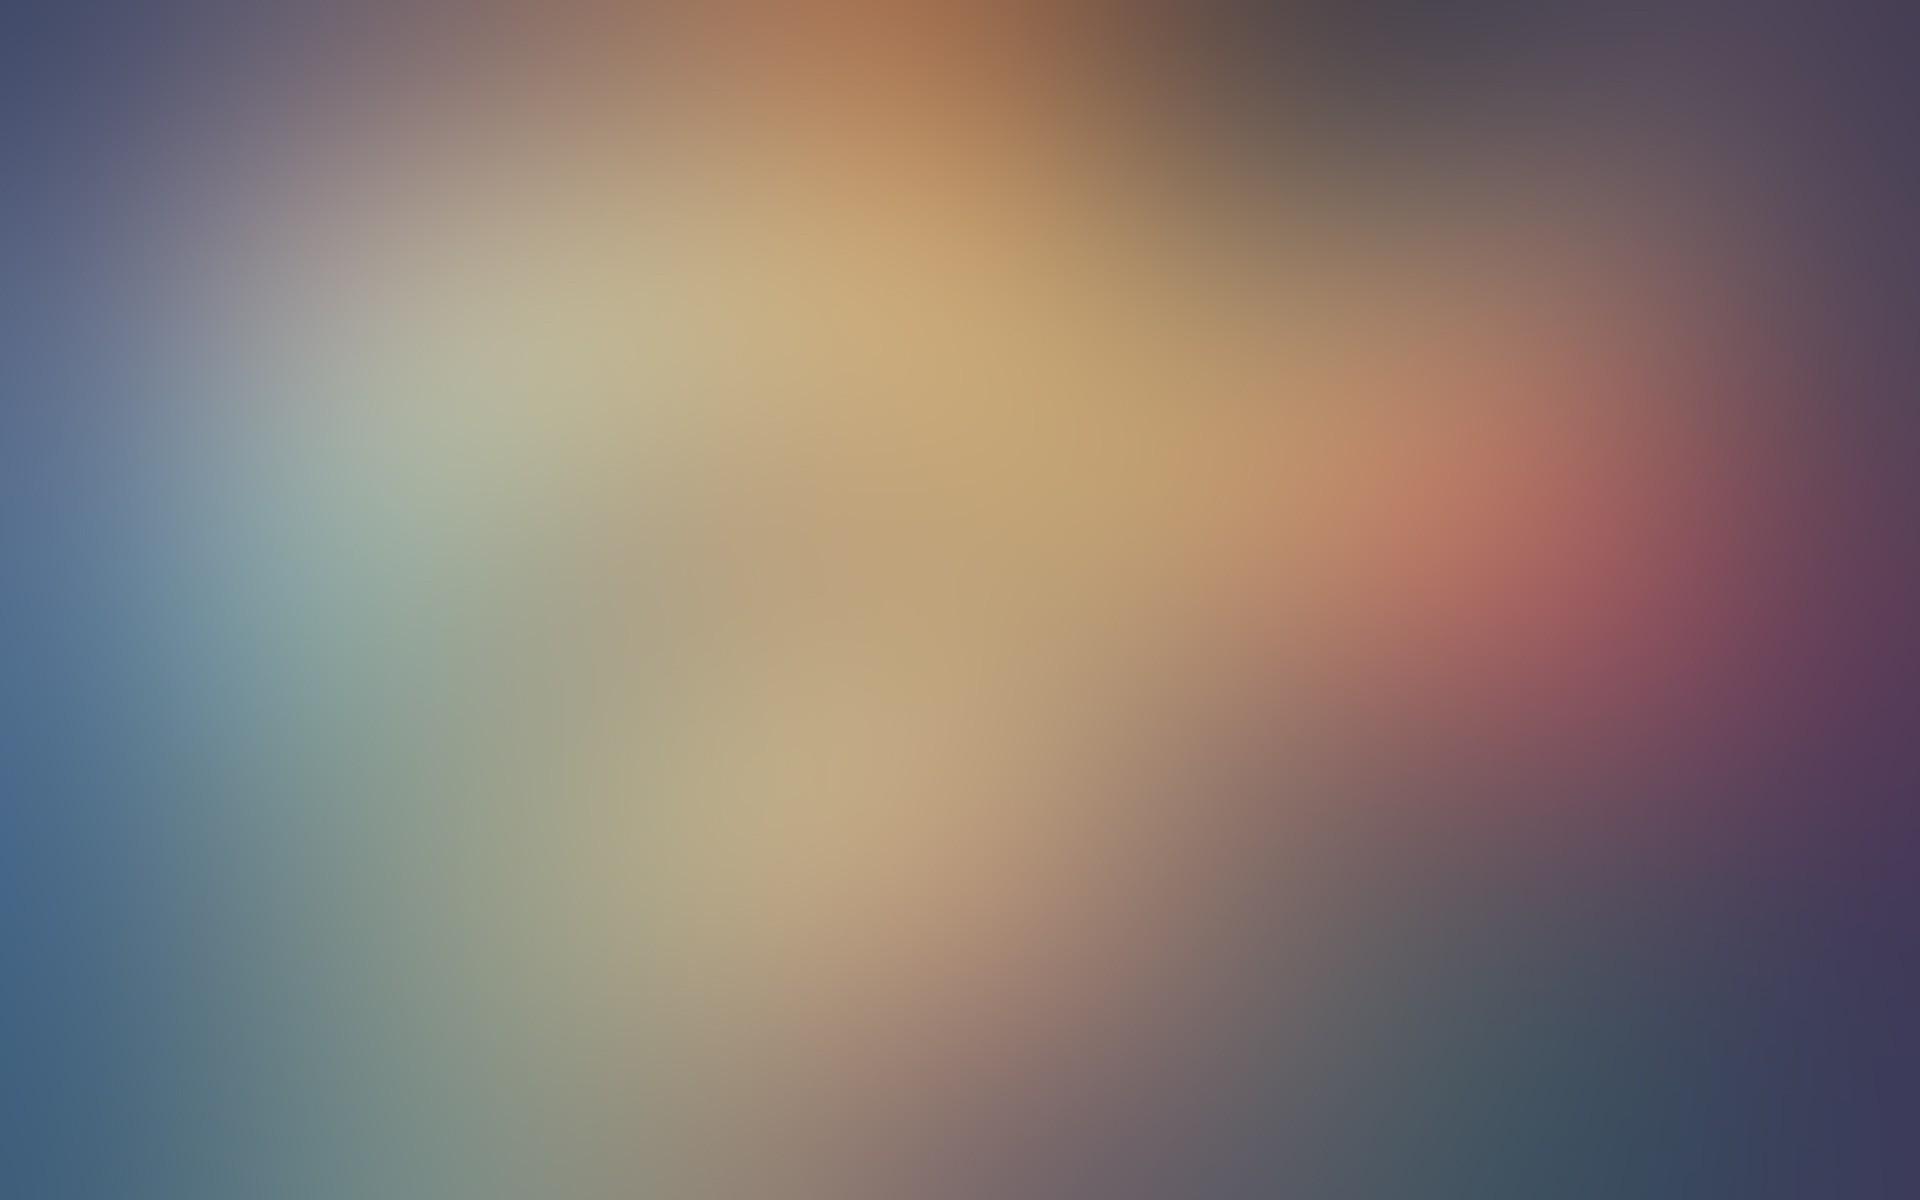 blur-picture-1920×1200